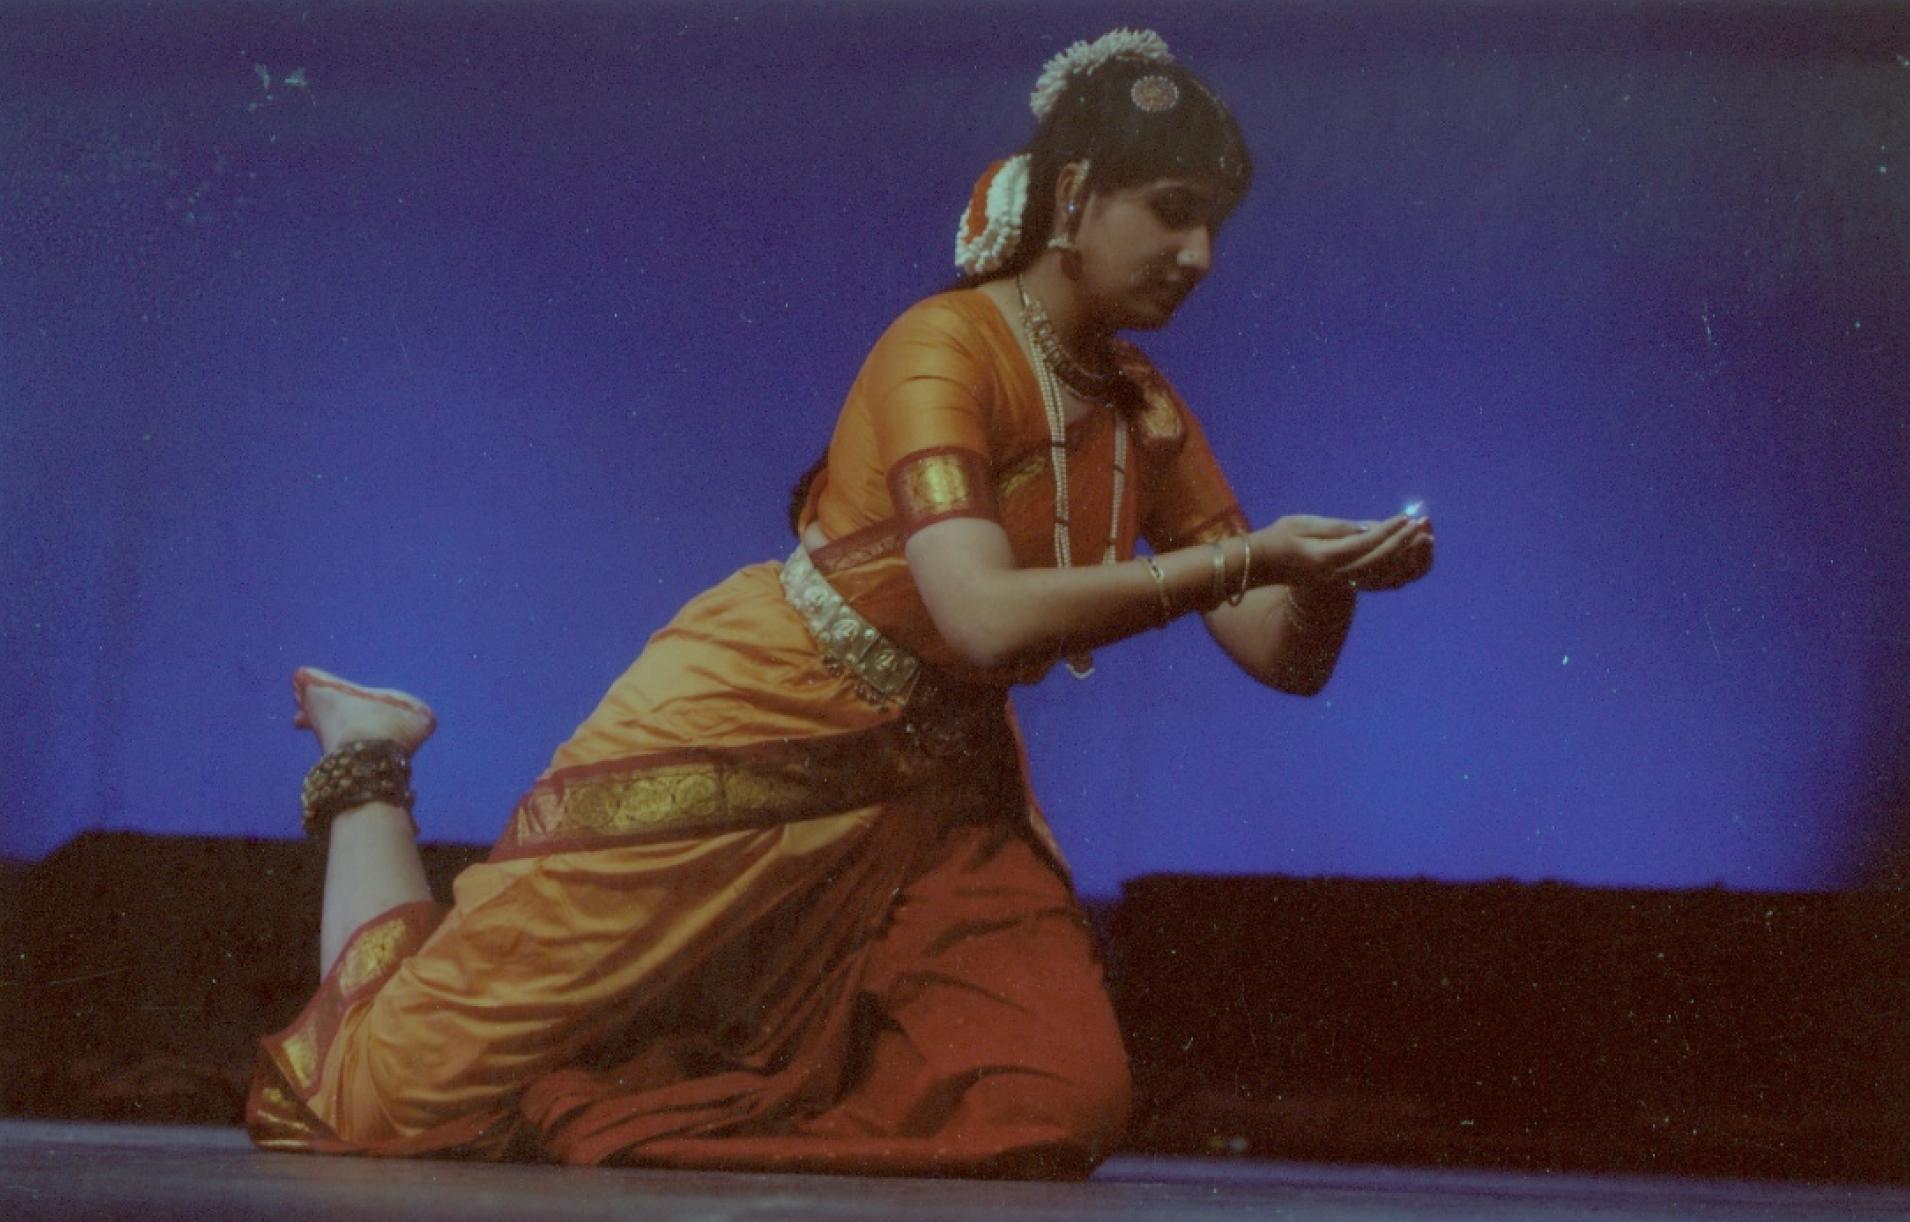 Lavanya performs at Carnegie Mellon University, Pittsburgh, in 2002.